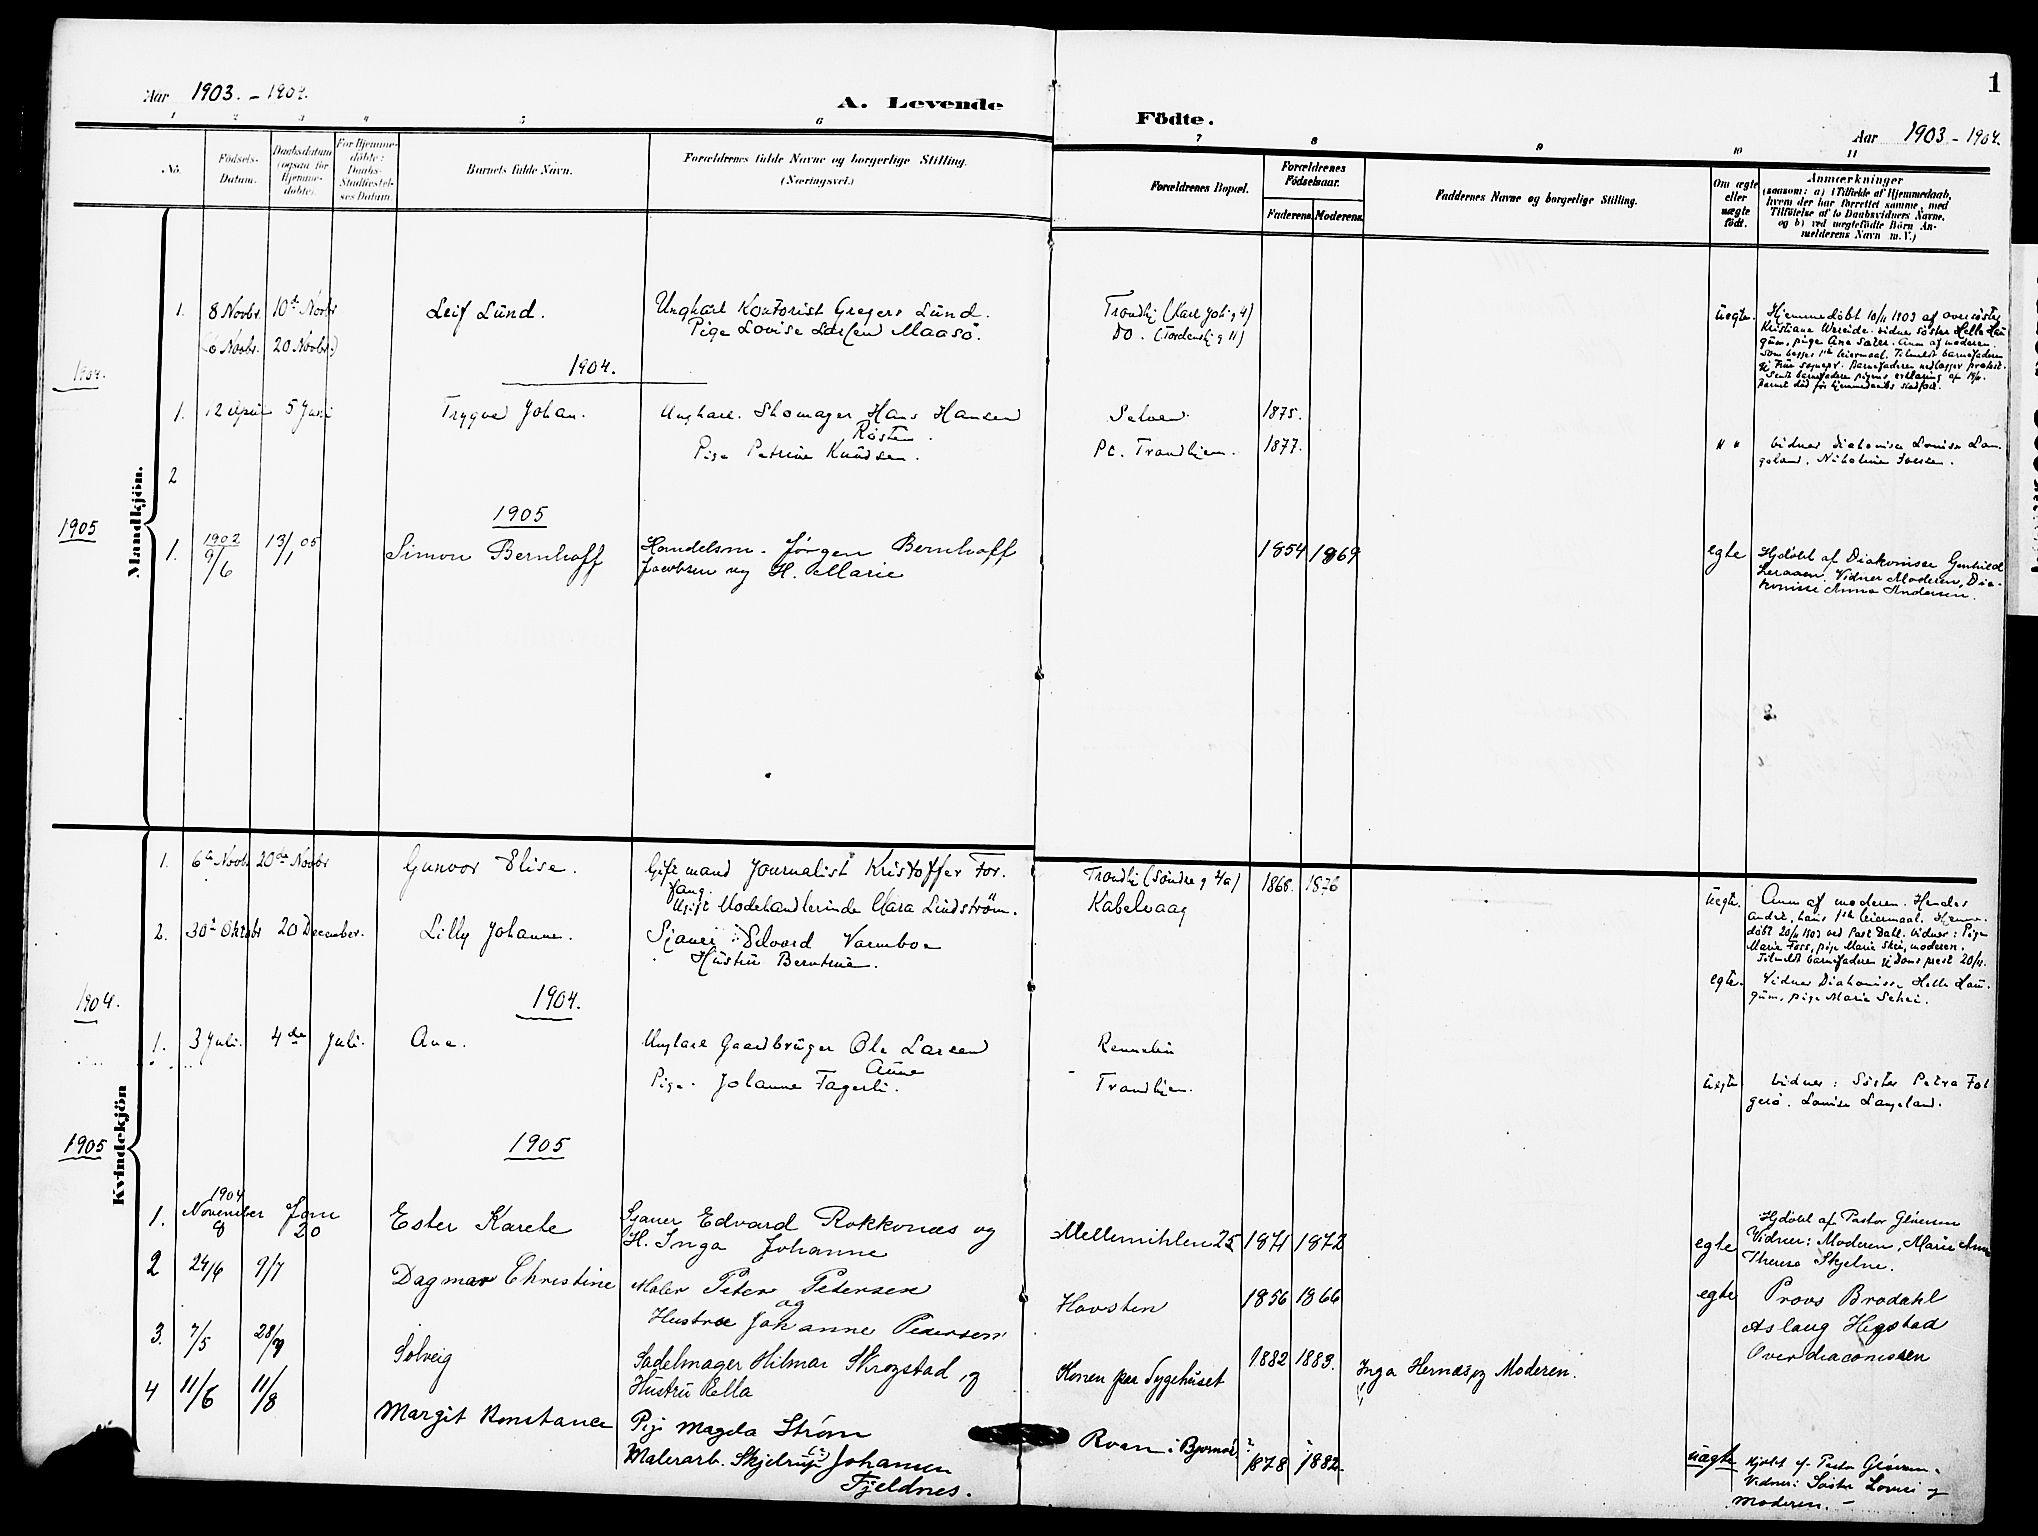 SAT, Ministerialprotokoller, klokkerbøker og fødselsregistre - Sør-Trøndelag, 628/L0483: Ministerialbok nr. 628A01, 1902-1920, s. 1